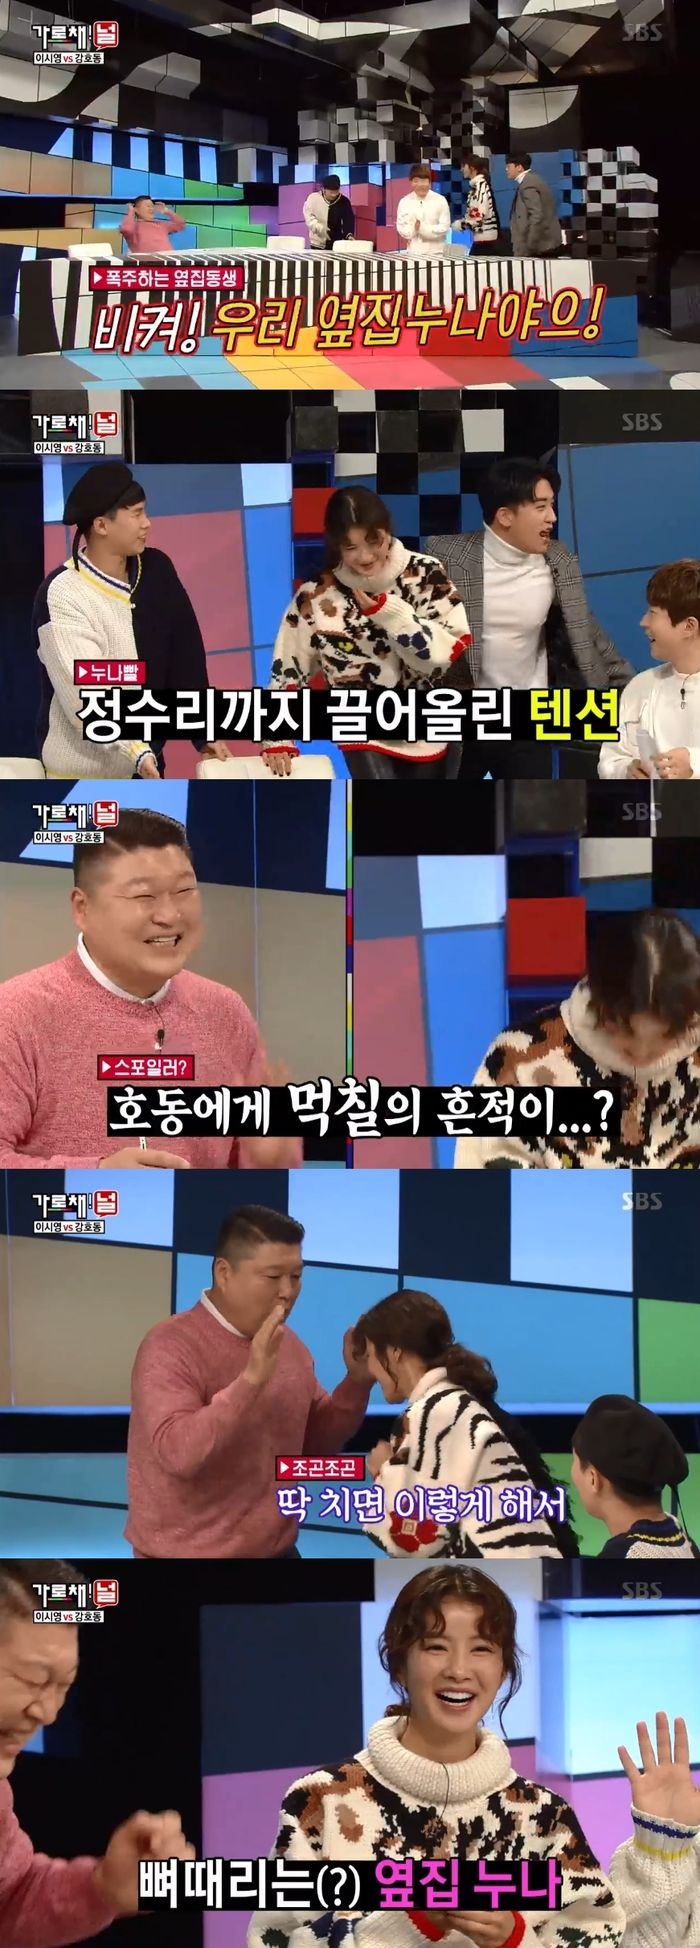 """'가로채널' 배우 이시영, 인간 샌드백 강호동 뼈 때렸다…승리 """"환호""""  기본이미지"""